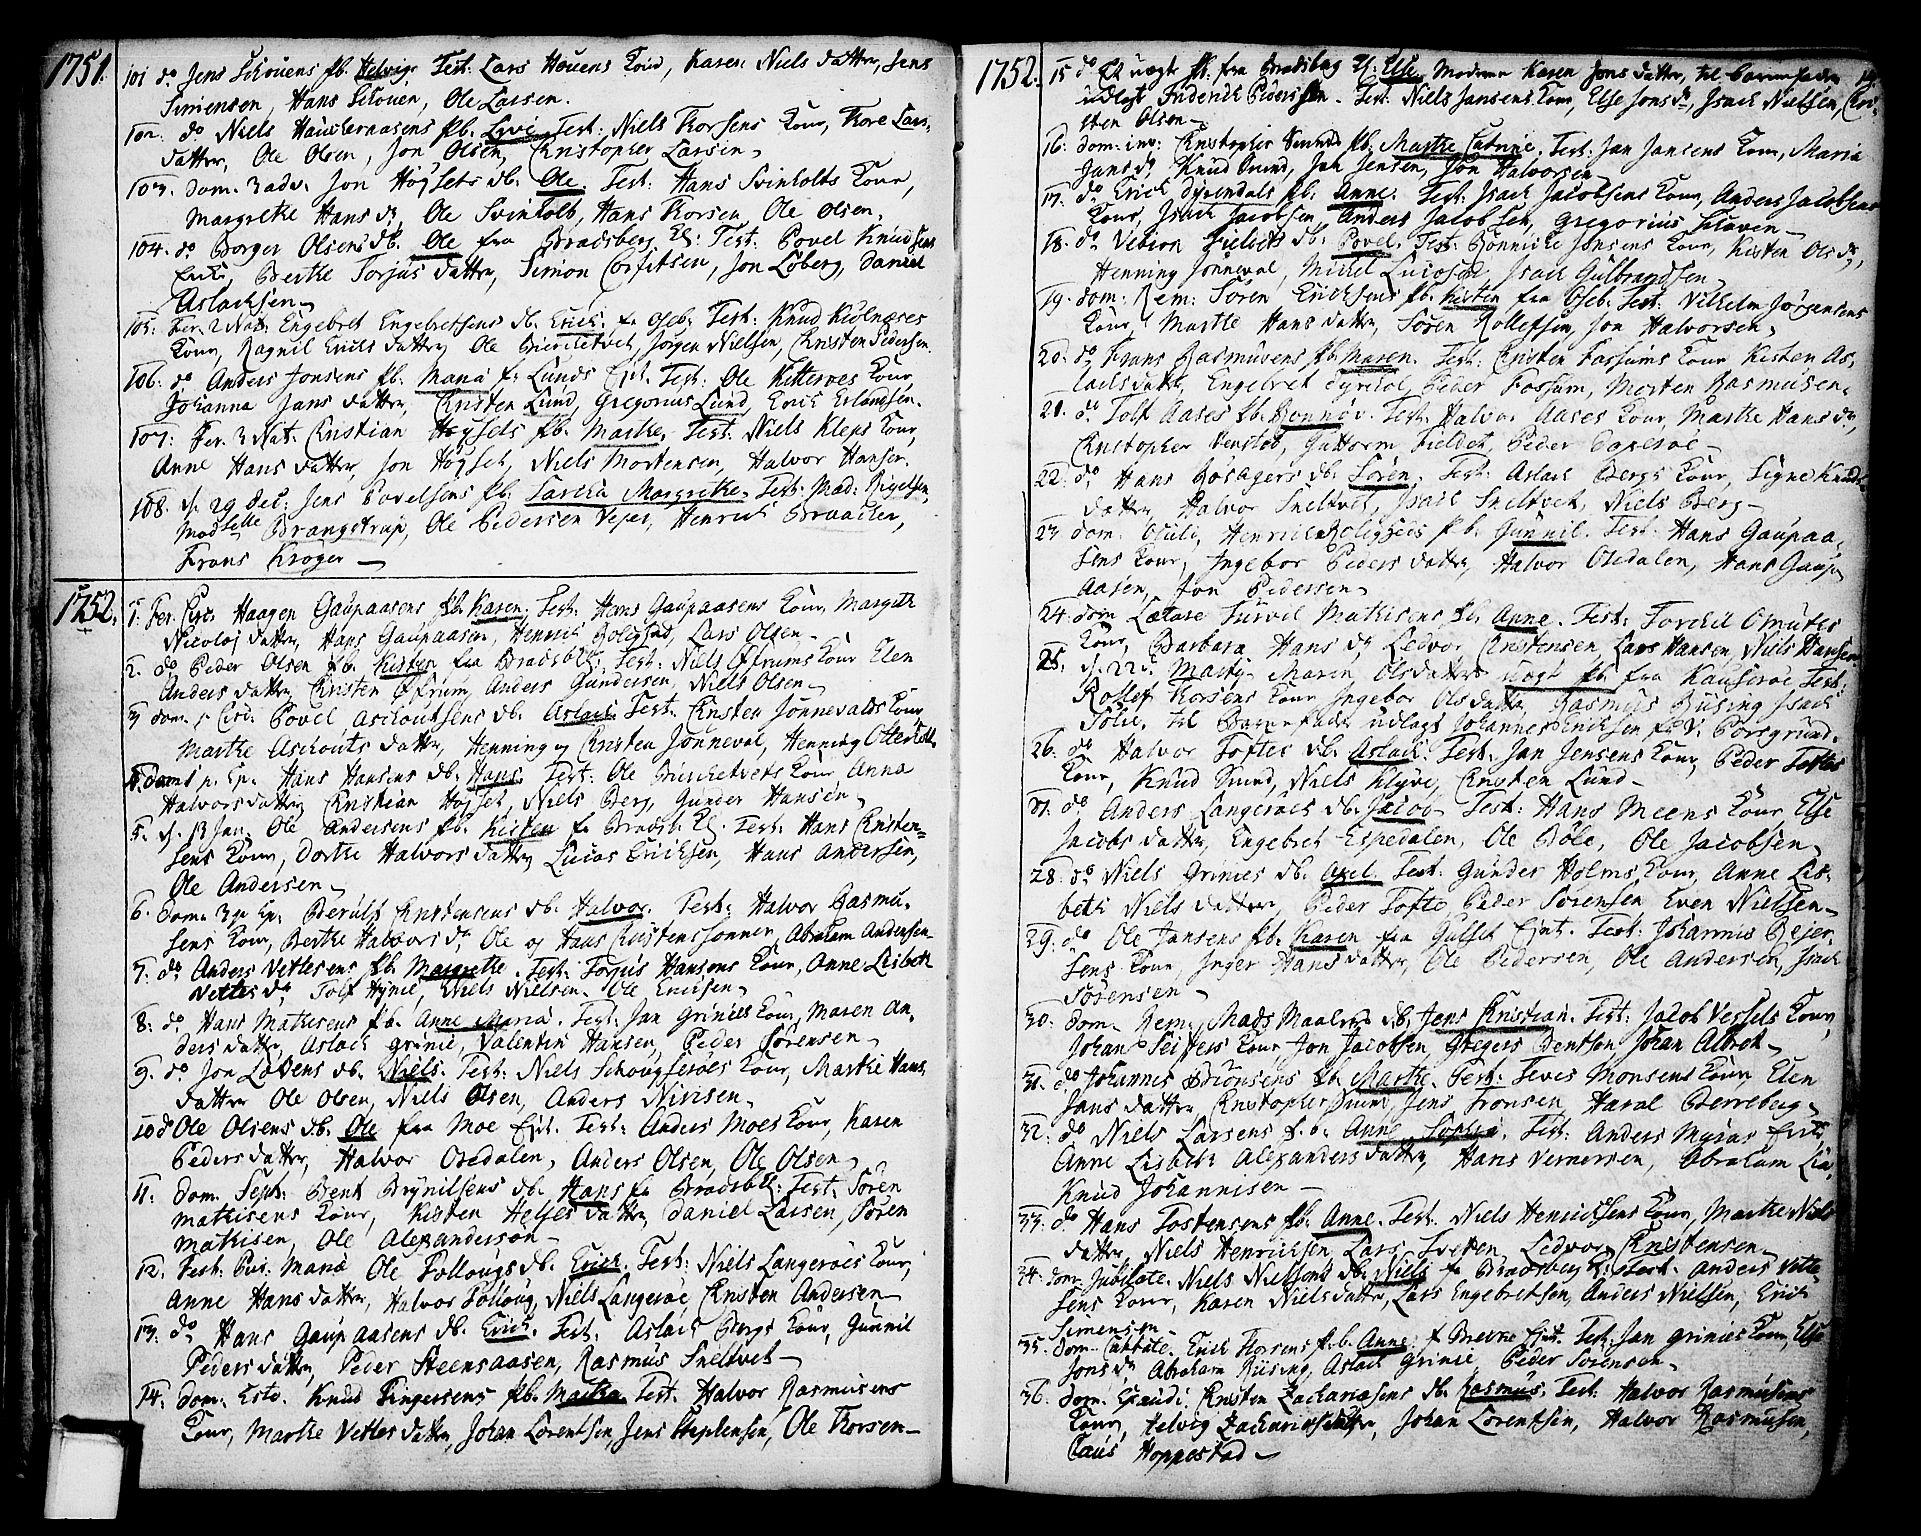 SAKO, Gjerpen kirkebøker, F/Fa/L0002: Ministerialbok nr. 2, 1747-1795, s. 14